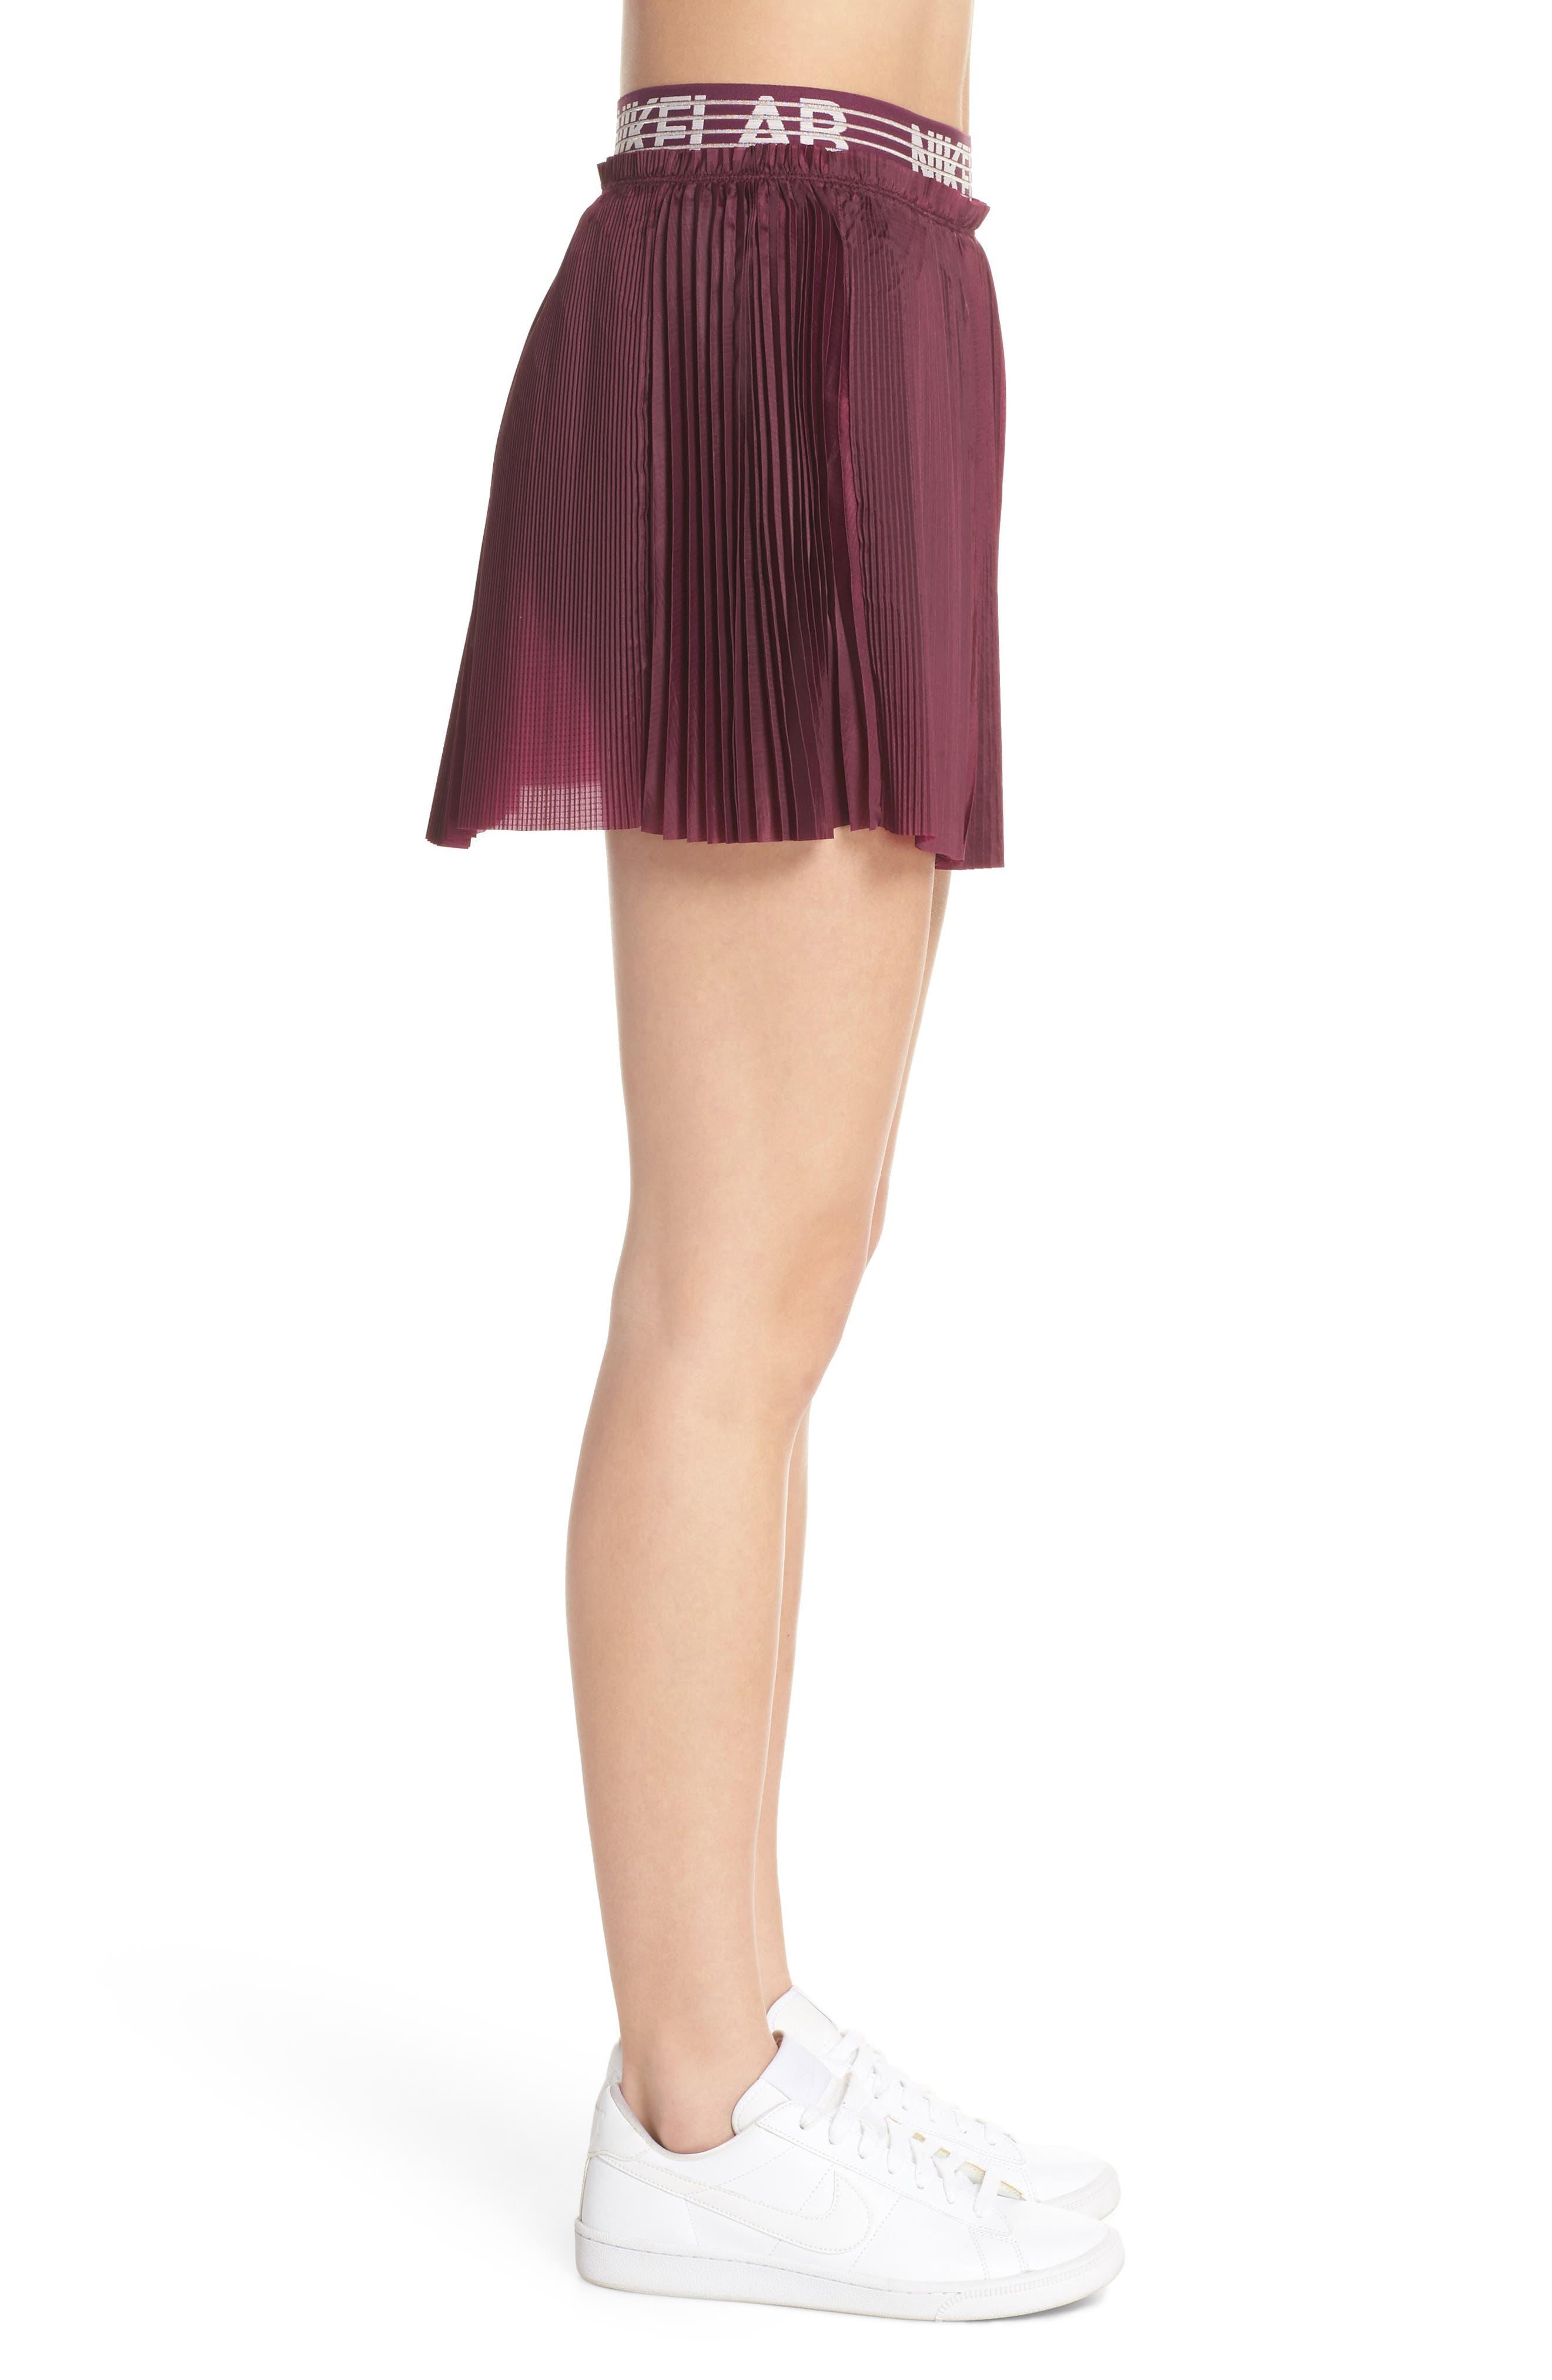 NikeLab Collection Dri-FIT Tennis Skirt,                             Alternate thumbnail 3, color,                             Bordeaux